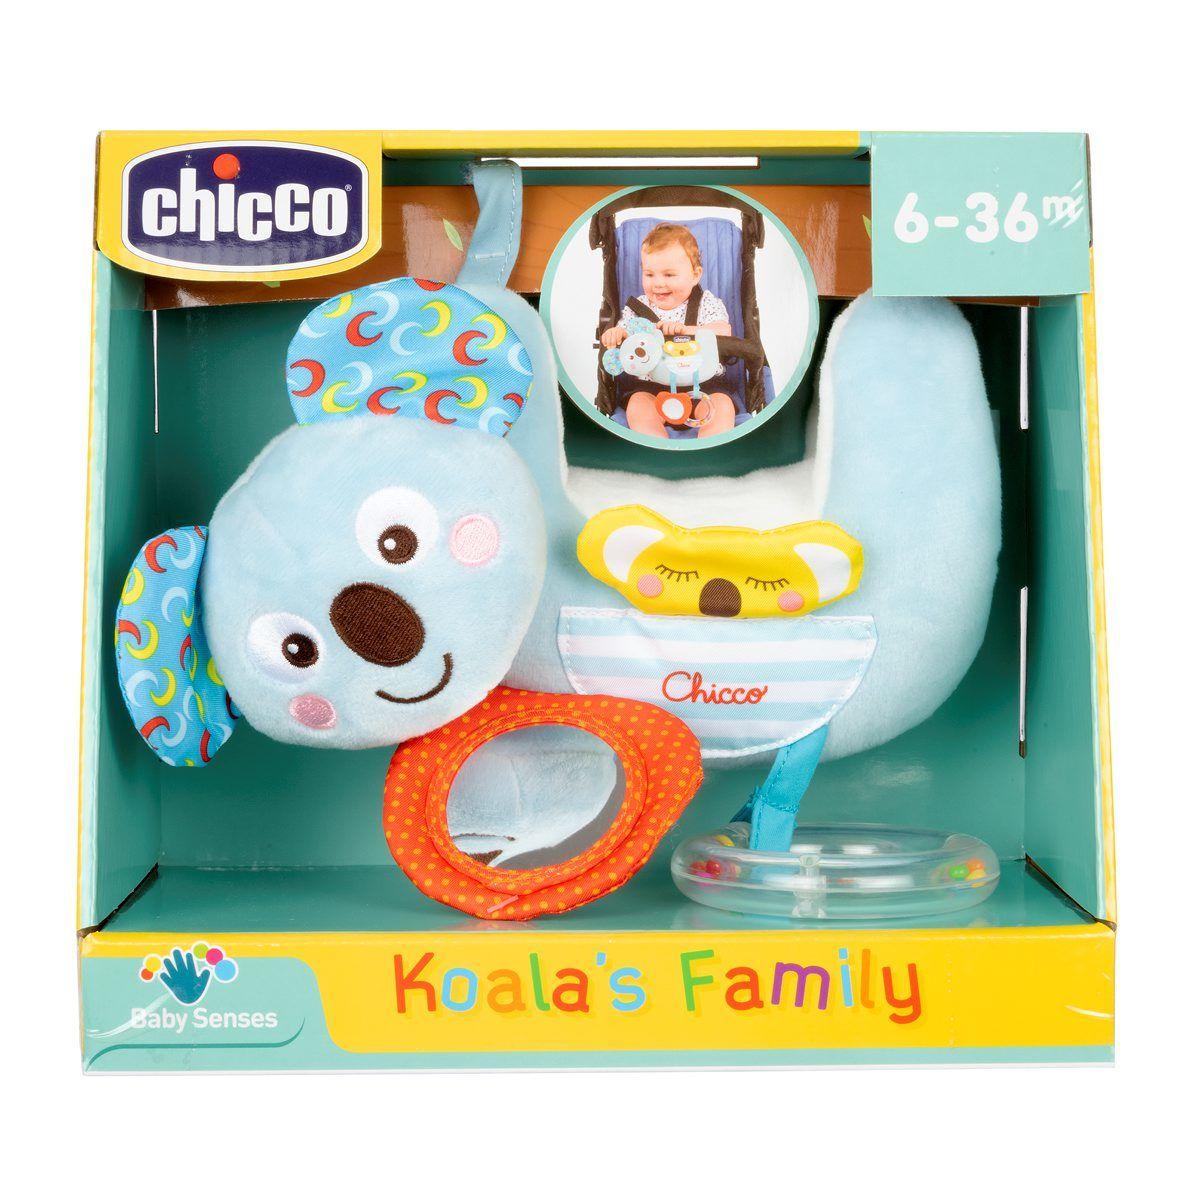 Mīkstā rotaļļieta bērnu ratiņiem CHICCO KOALA'S FAMILY